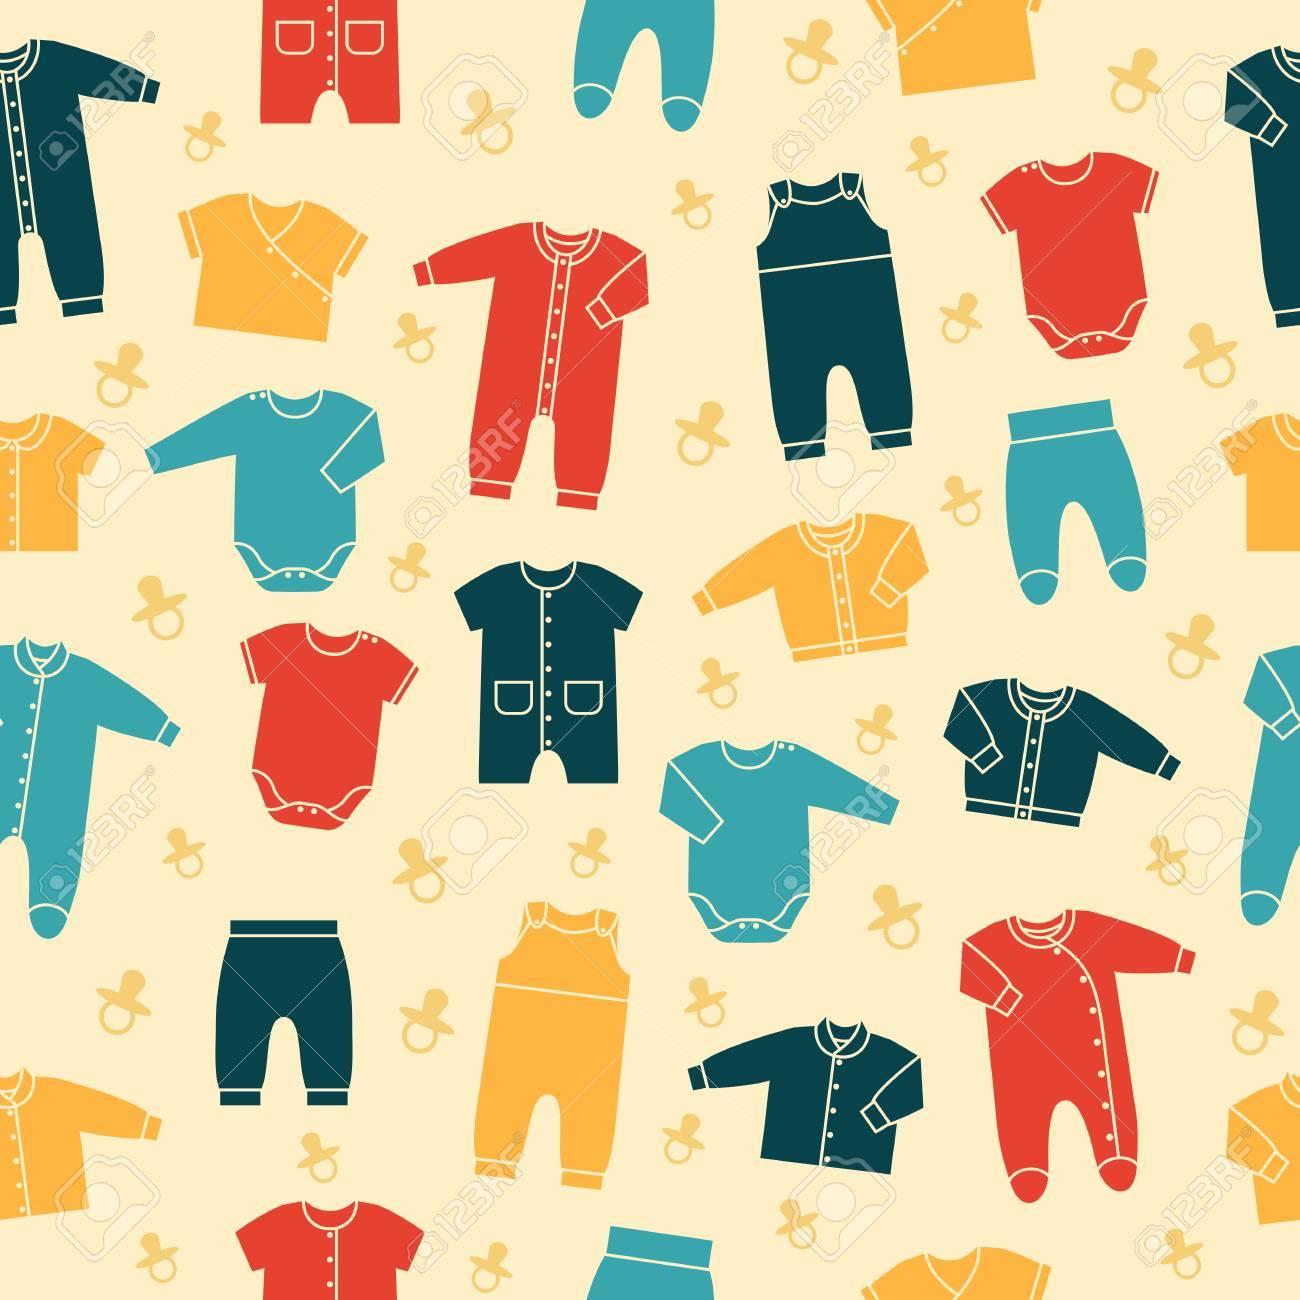 Foto de archivo - Sin costuras modelo retro con ropa de bebé recién nacido  en el fondo amarillo. Colección de ropa linda para los niños. daeea6ed1426